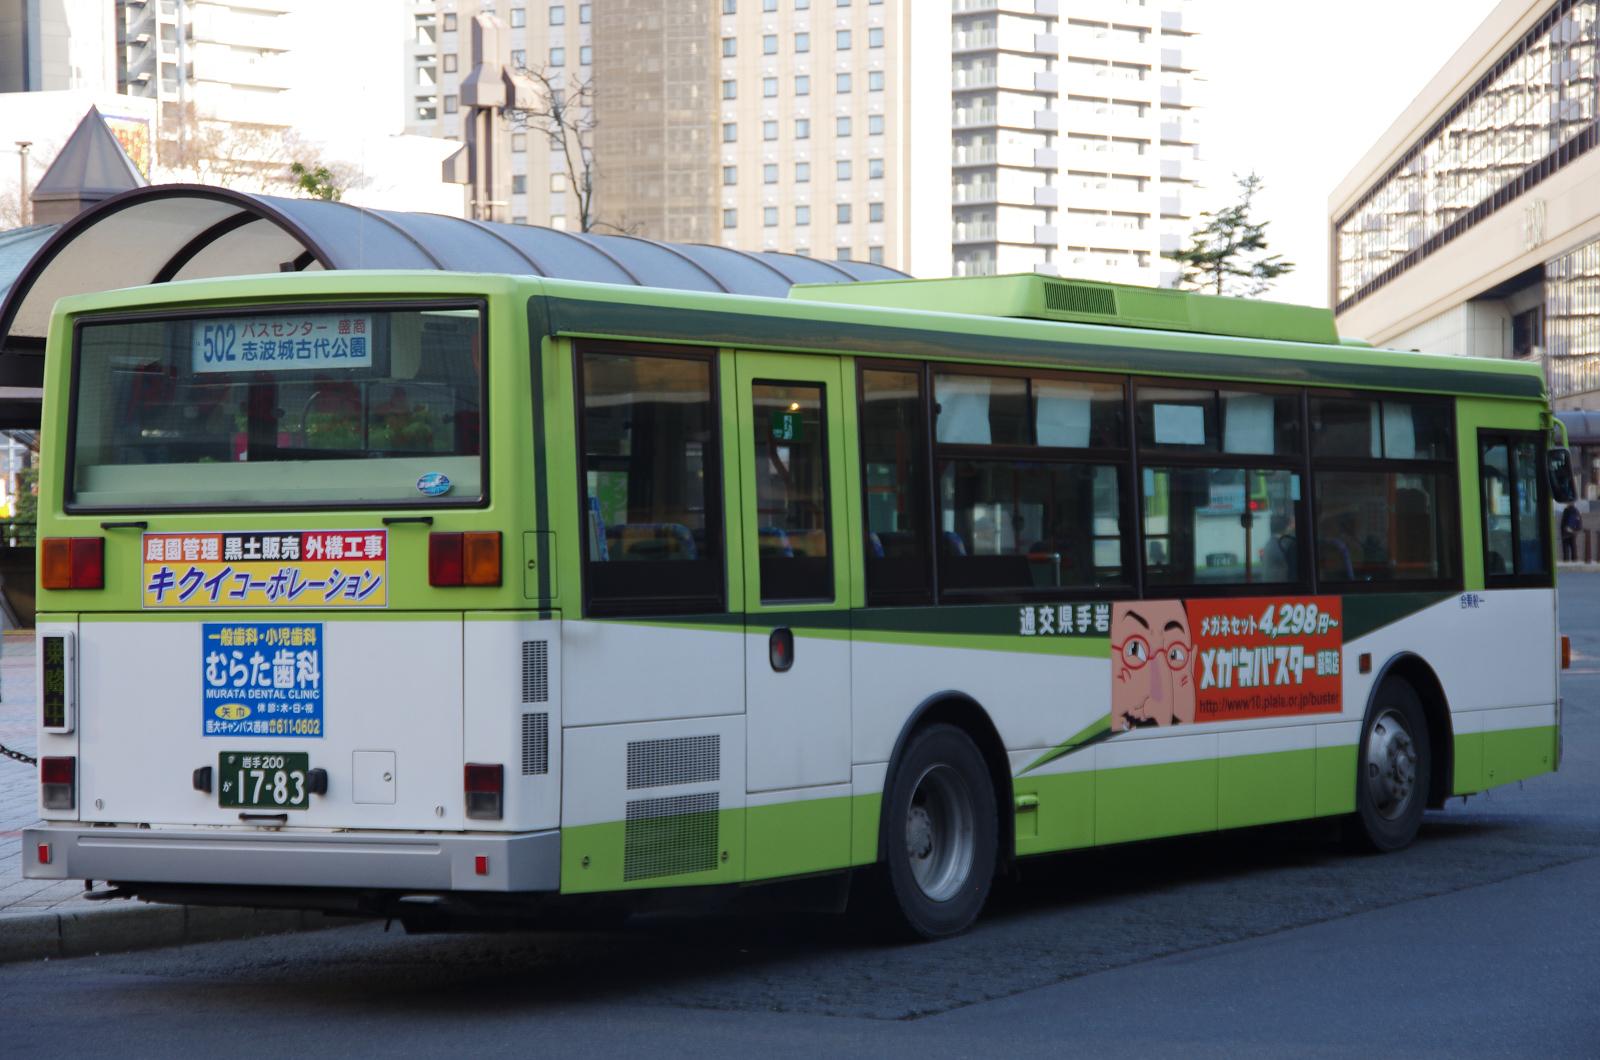 盛岡駅前にて 2016.3